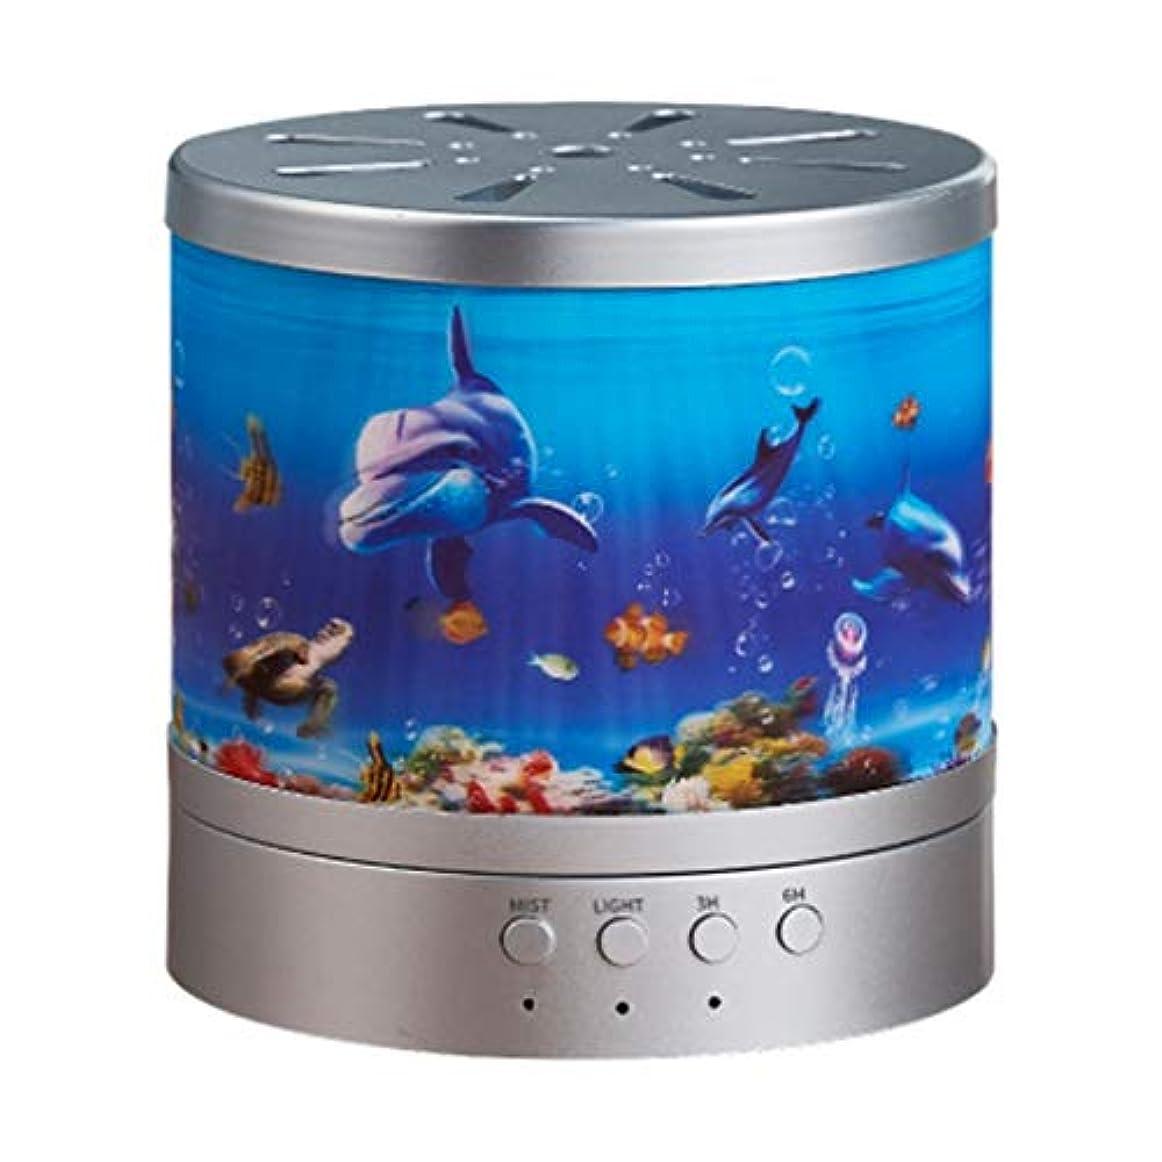 影響する伝染性組み込む精油のための海洋の主題の拡散器超音波涼しい霧の加湿器、水なしの自動シャットオフおよび7つの色LEDライトは内務省のために変わります (Color : Silver)